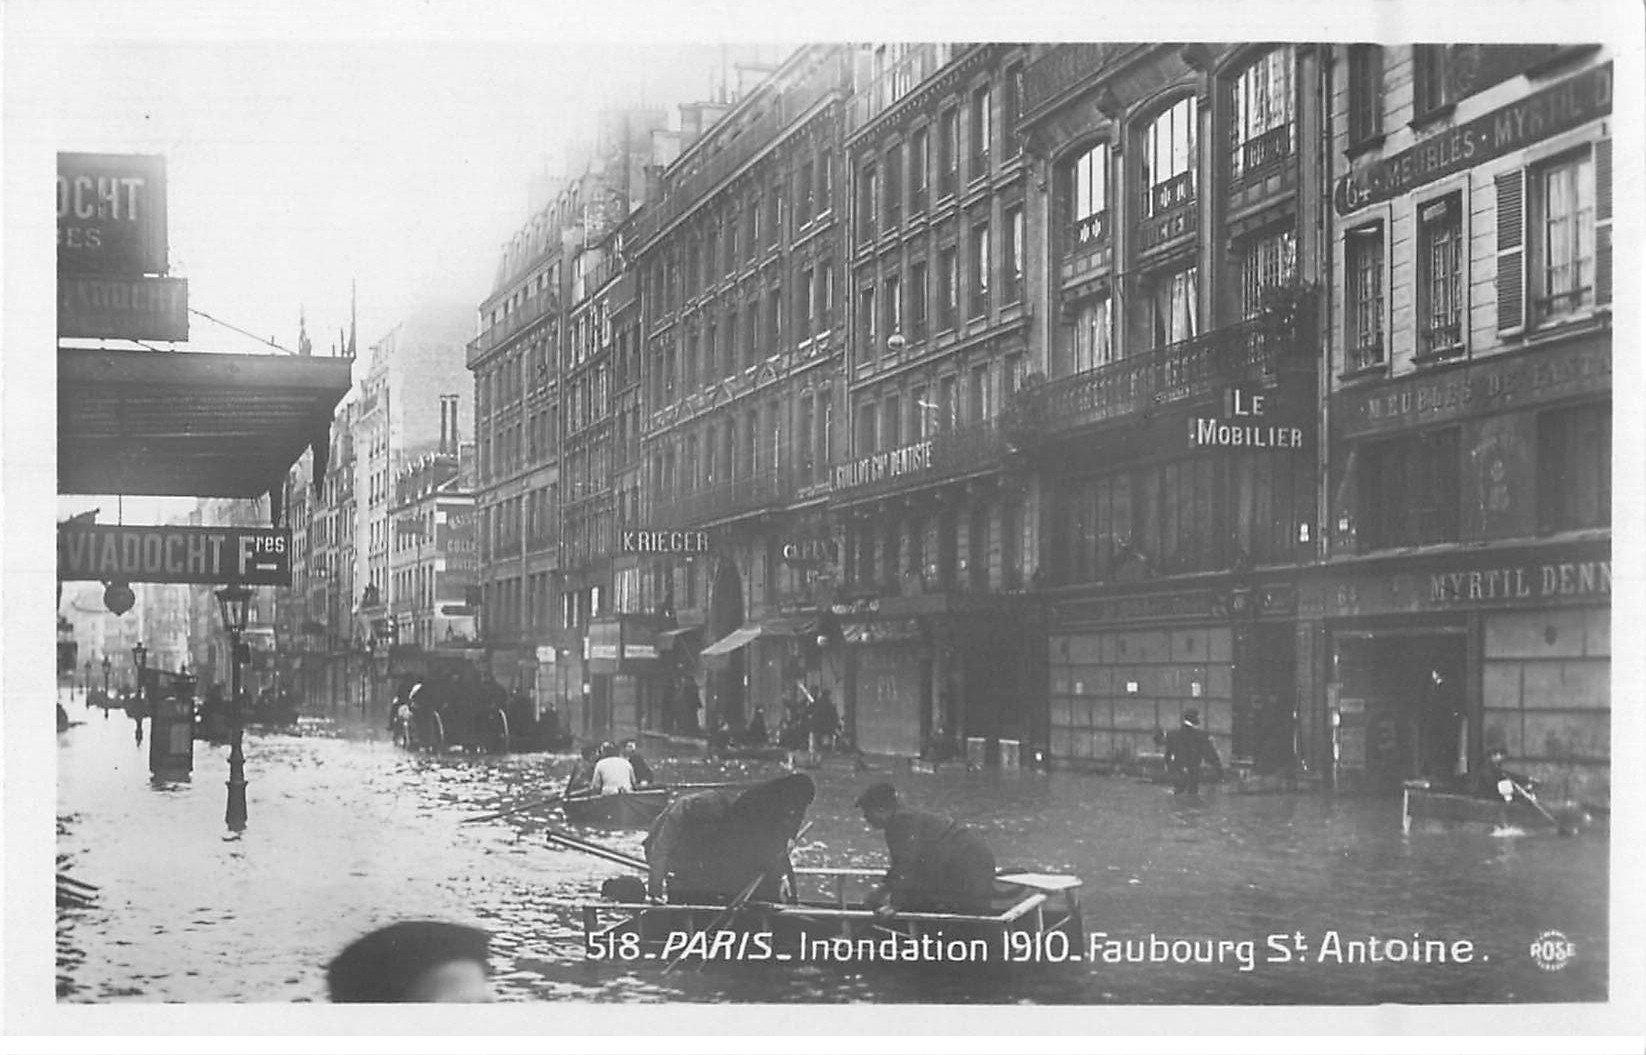 carte postale ancienne Inondation et Crue de PARIS 1910. Faubourg Saint-Antoine. Carte Photo Ed. Rose